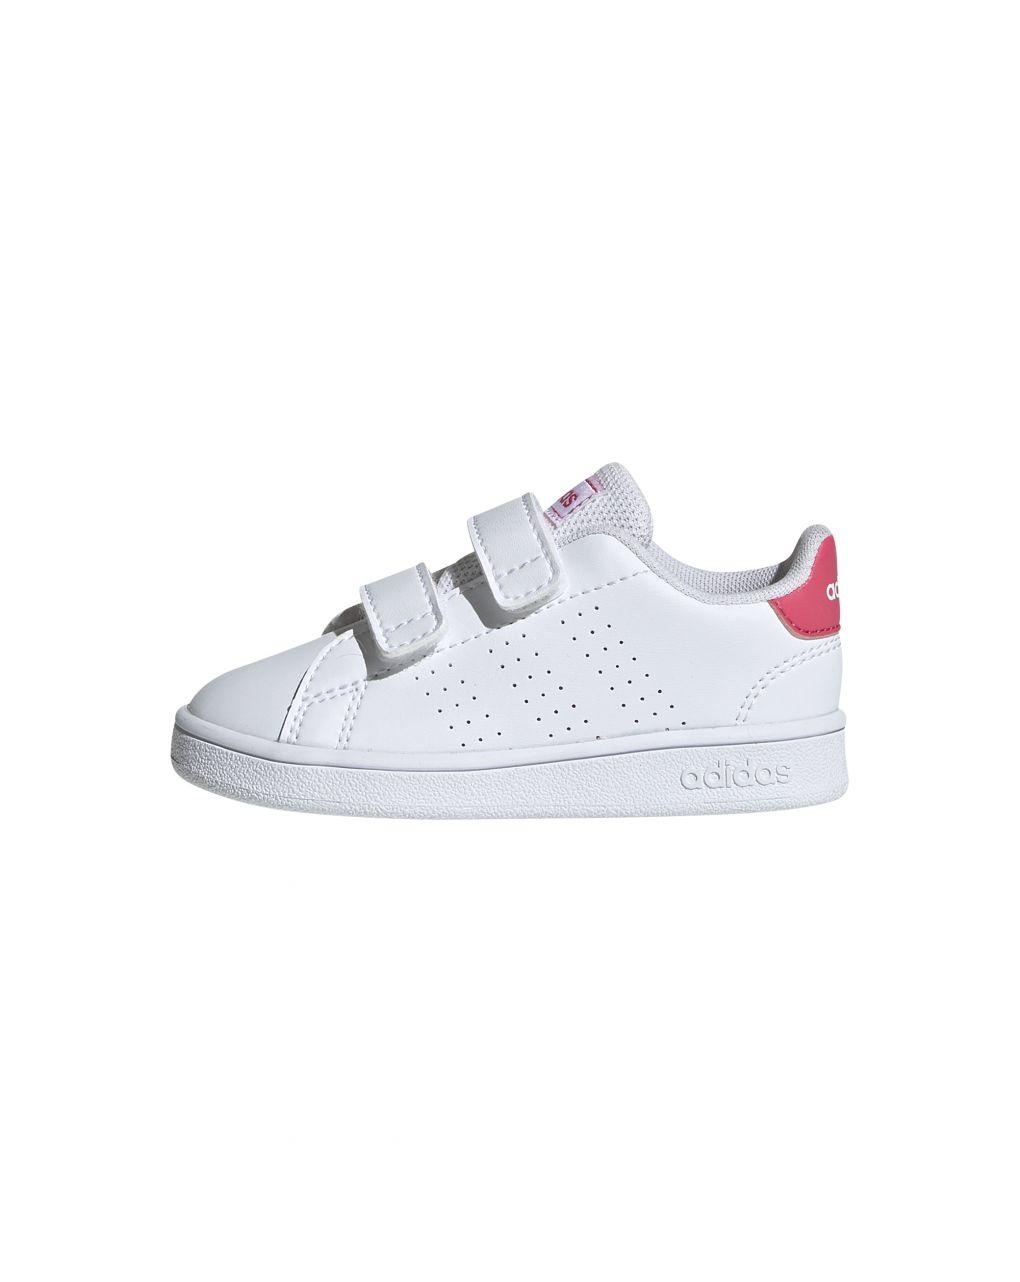 Αθλητικά Παπούτσια Adidas Advantage I για Κορίτσι